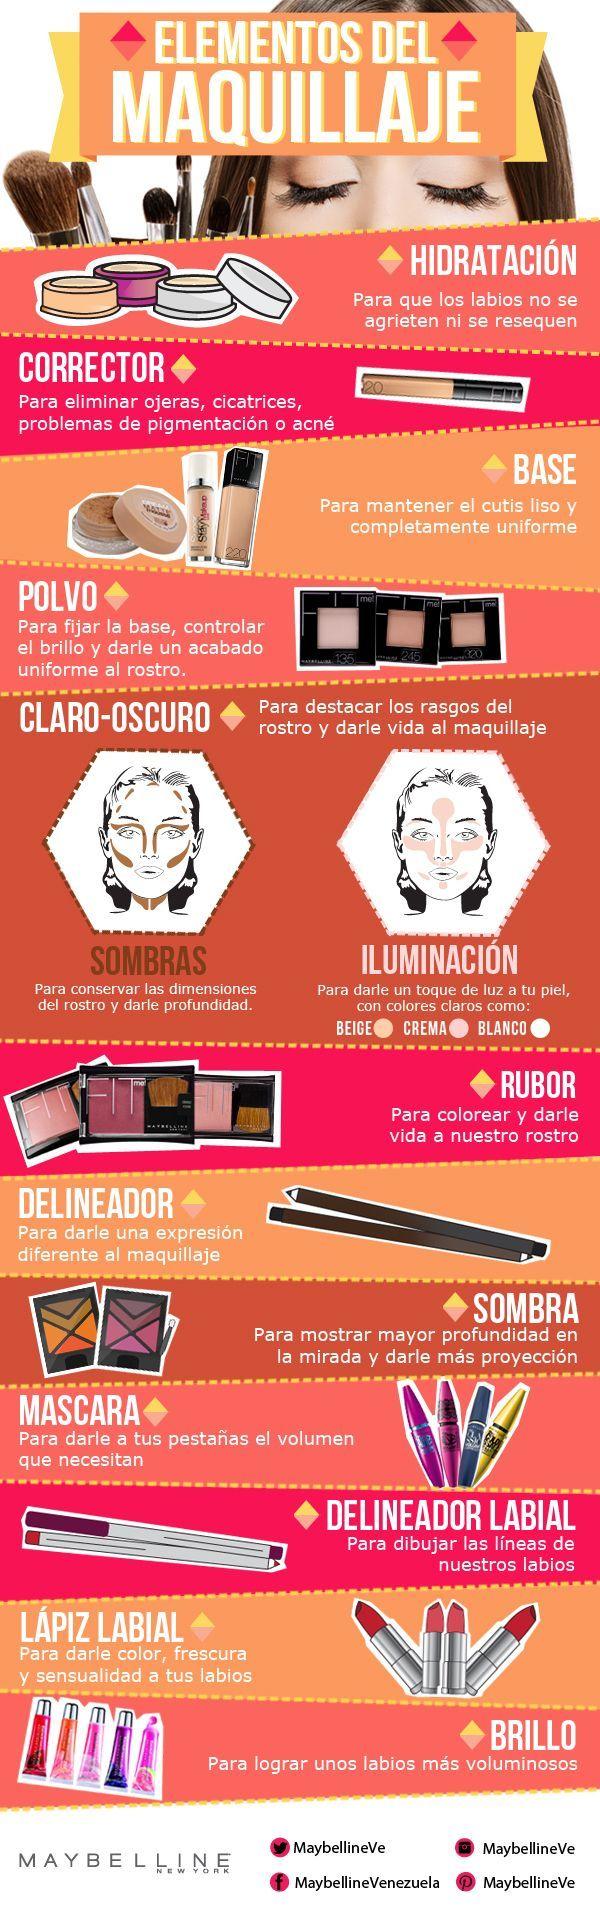 Los elementos de maquillaje y sus diferentes usos. #belleza #infografía